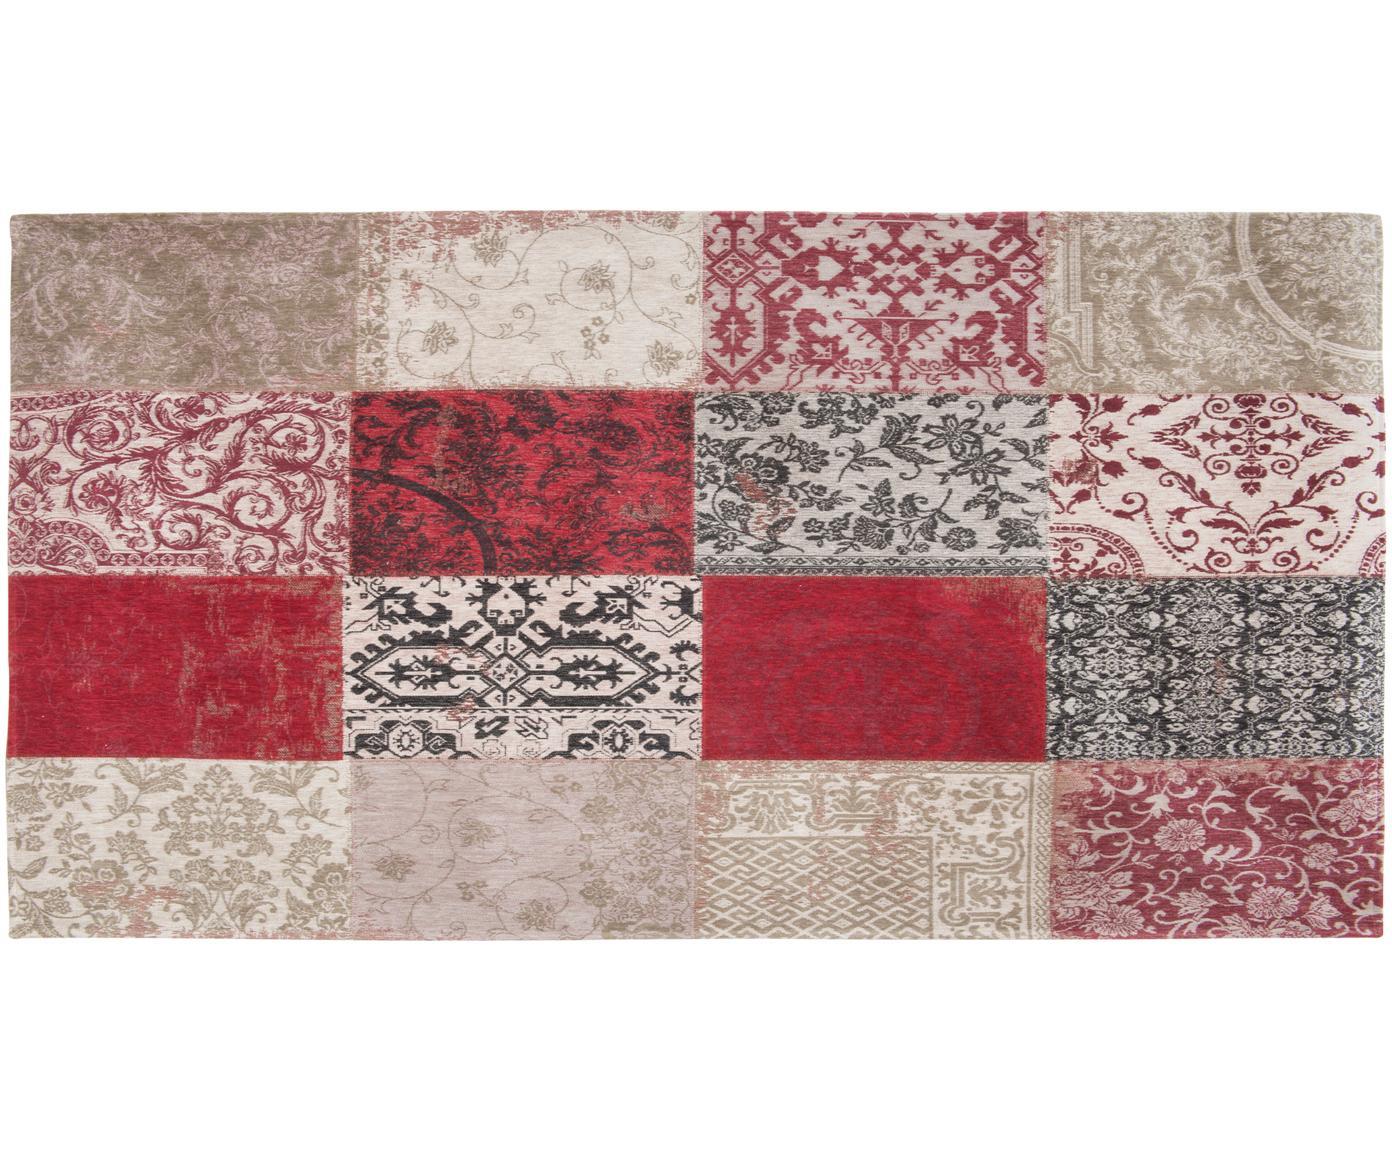 Chenille-Teppich Multi mit Patchwork-Design, Vorderseite: 85%Chenillegarn (Baumwol, Webart: Jacquard, Rückseite: Baumwollgemisch, latexbes, Rot, Beige, Schwarz, B 80 x L 150 cm (Größe XS)